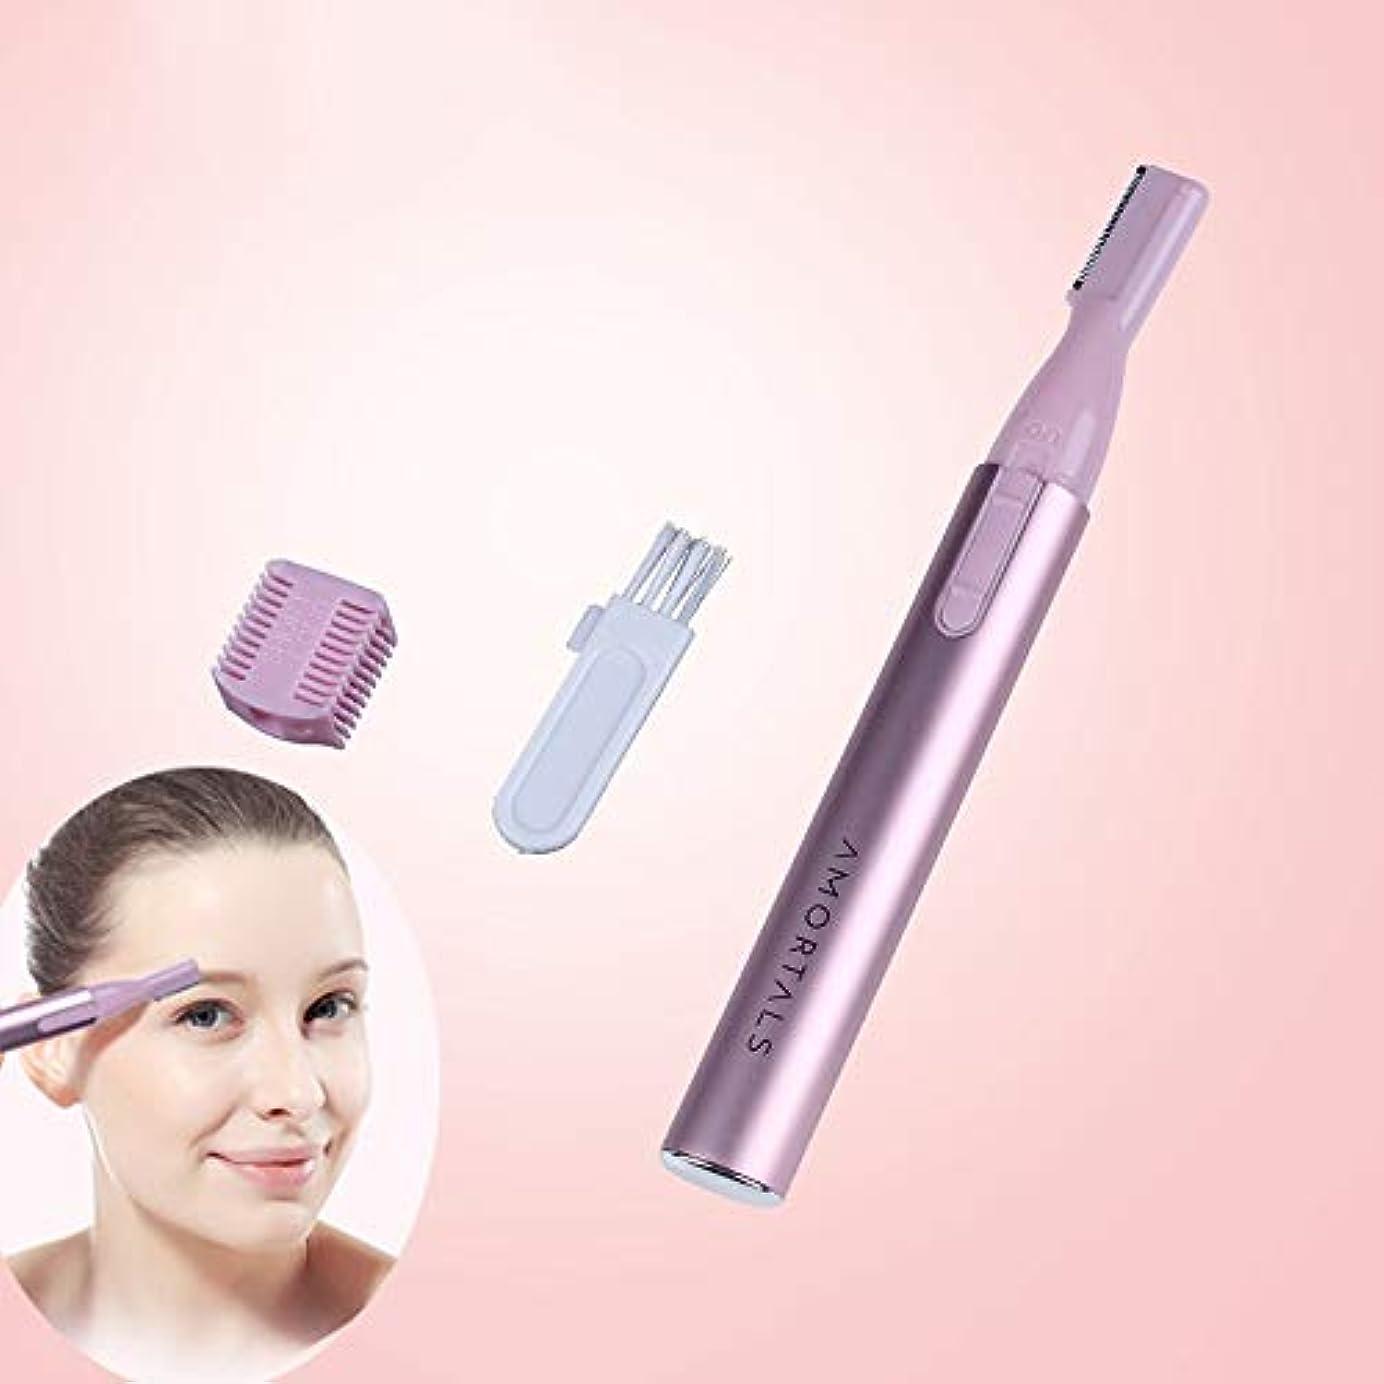 警告する運動するデモンストレーション脇の下/足/体/髪の女性の顔のトリマーのための携帯用電動眉毛トリマー、(電池式) (Color : Pink)